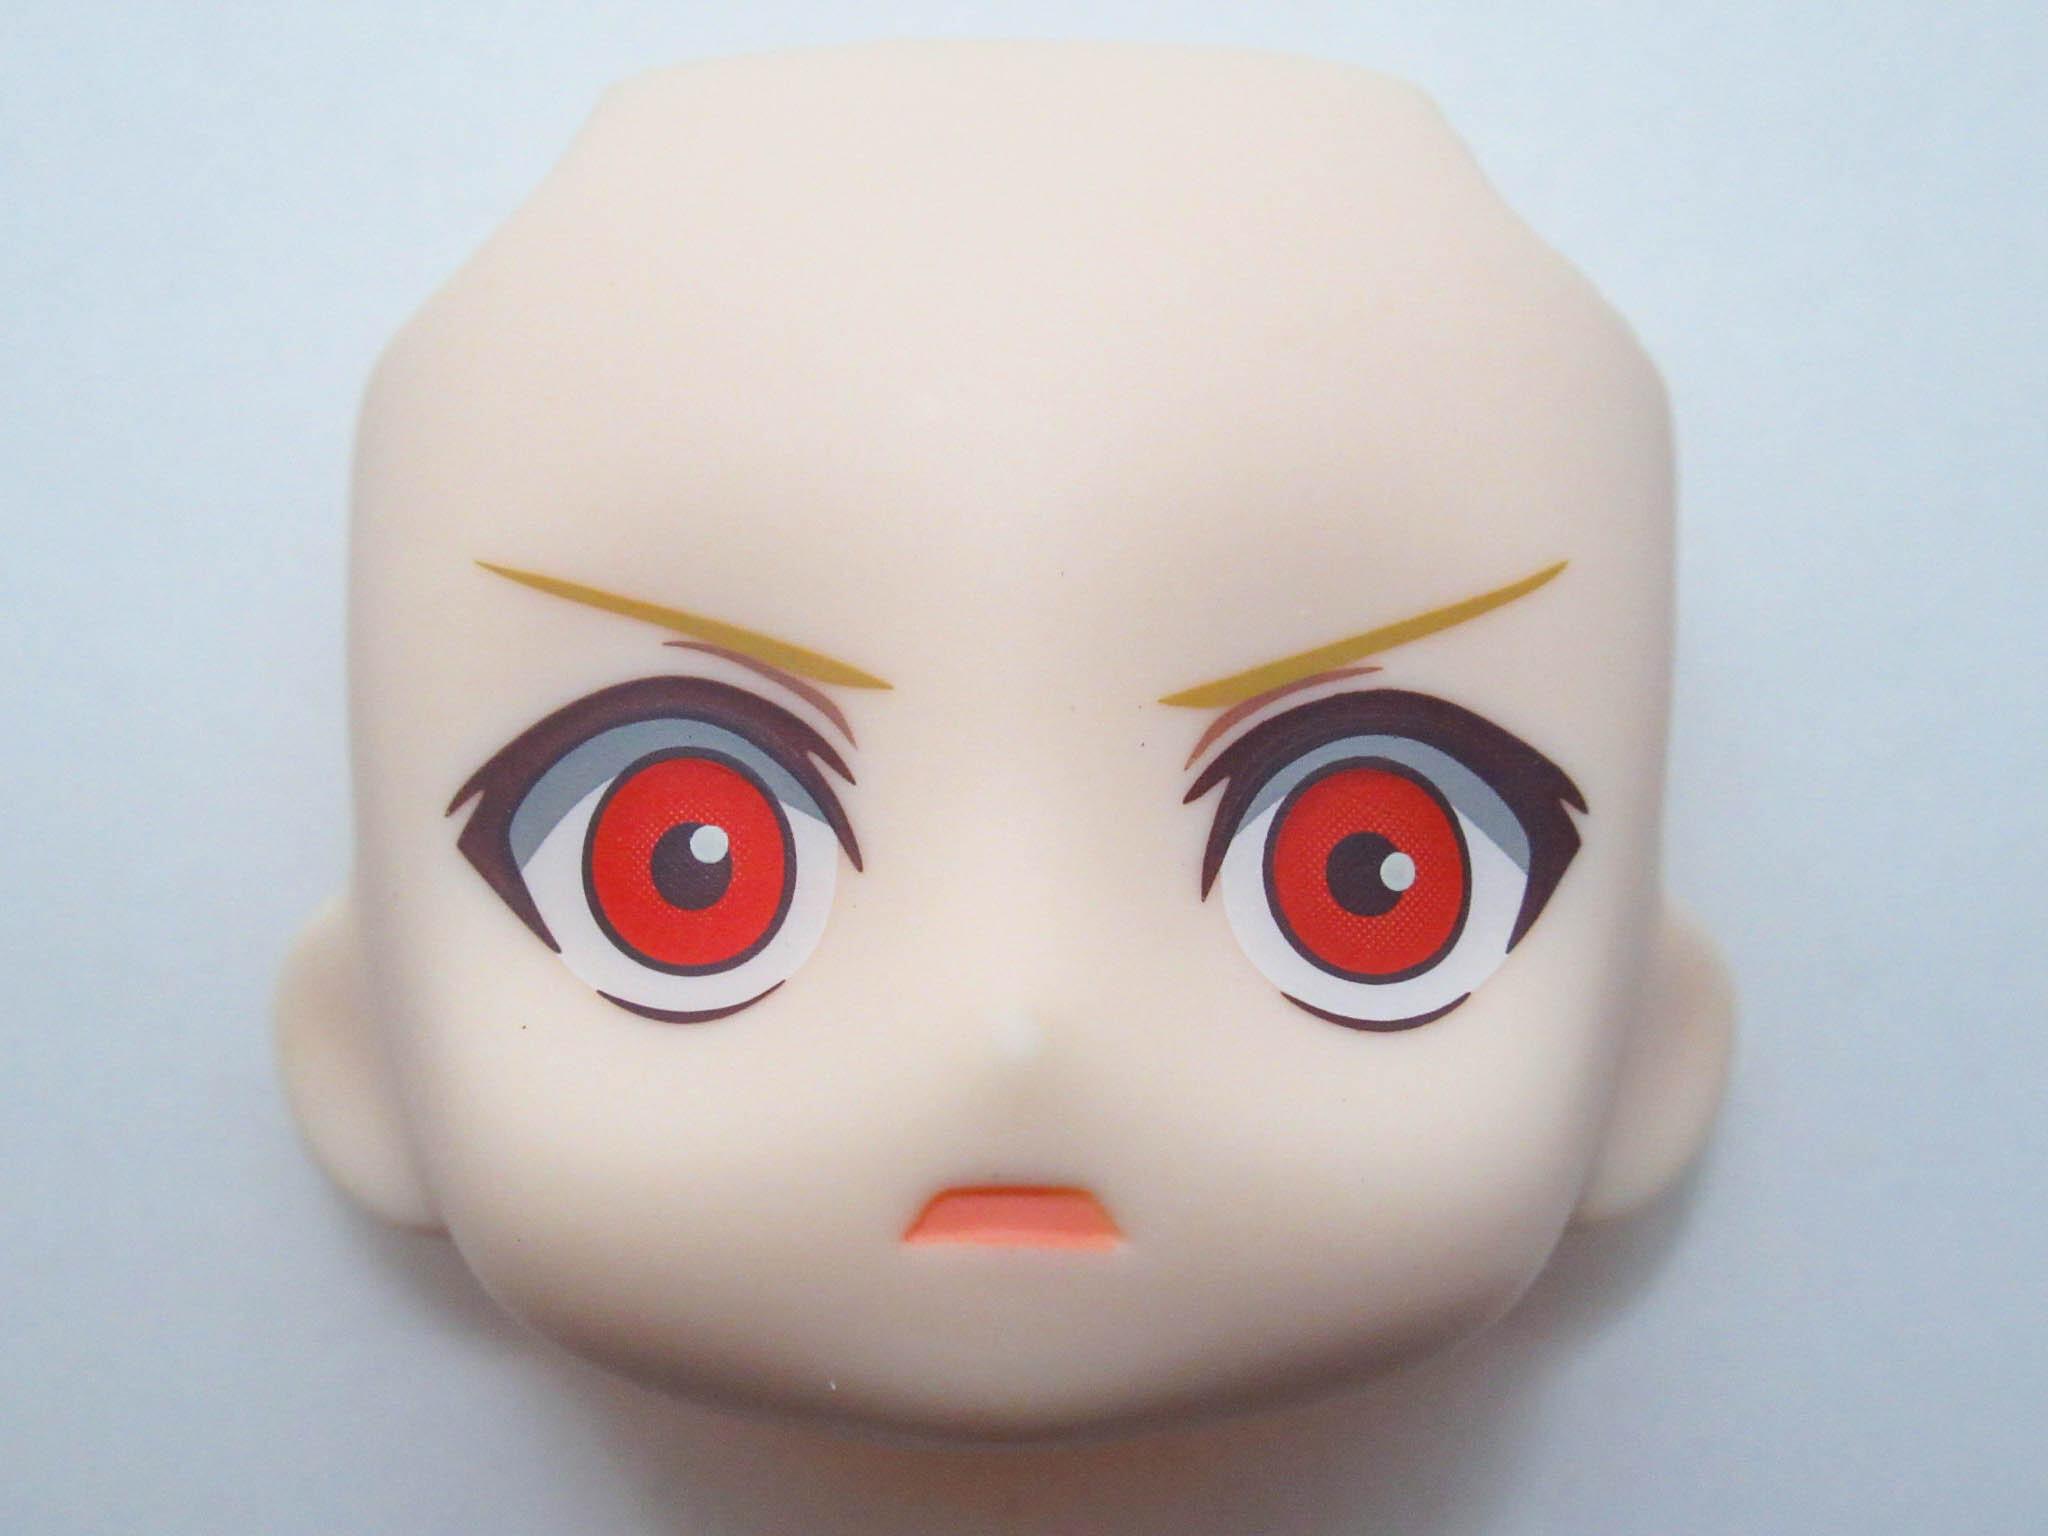 【1185】 クラピカ 顔パーツ 緋の眼顔 ねんどろいど